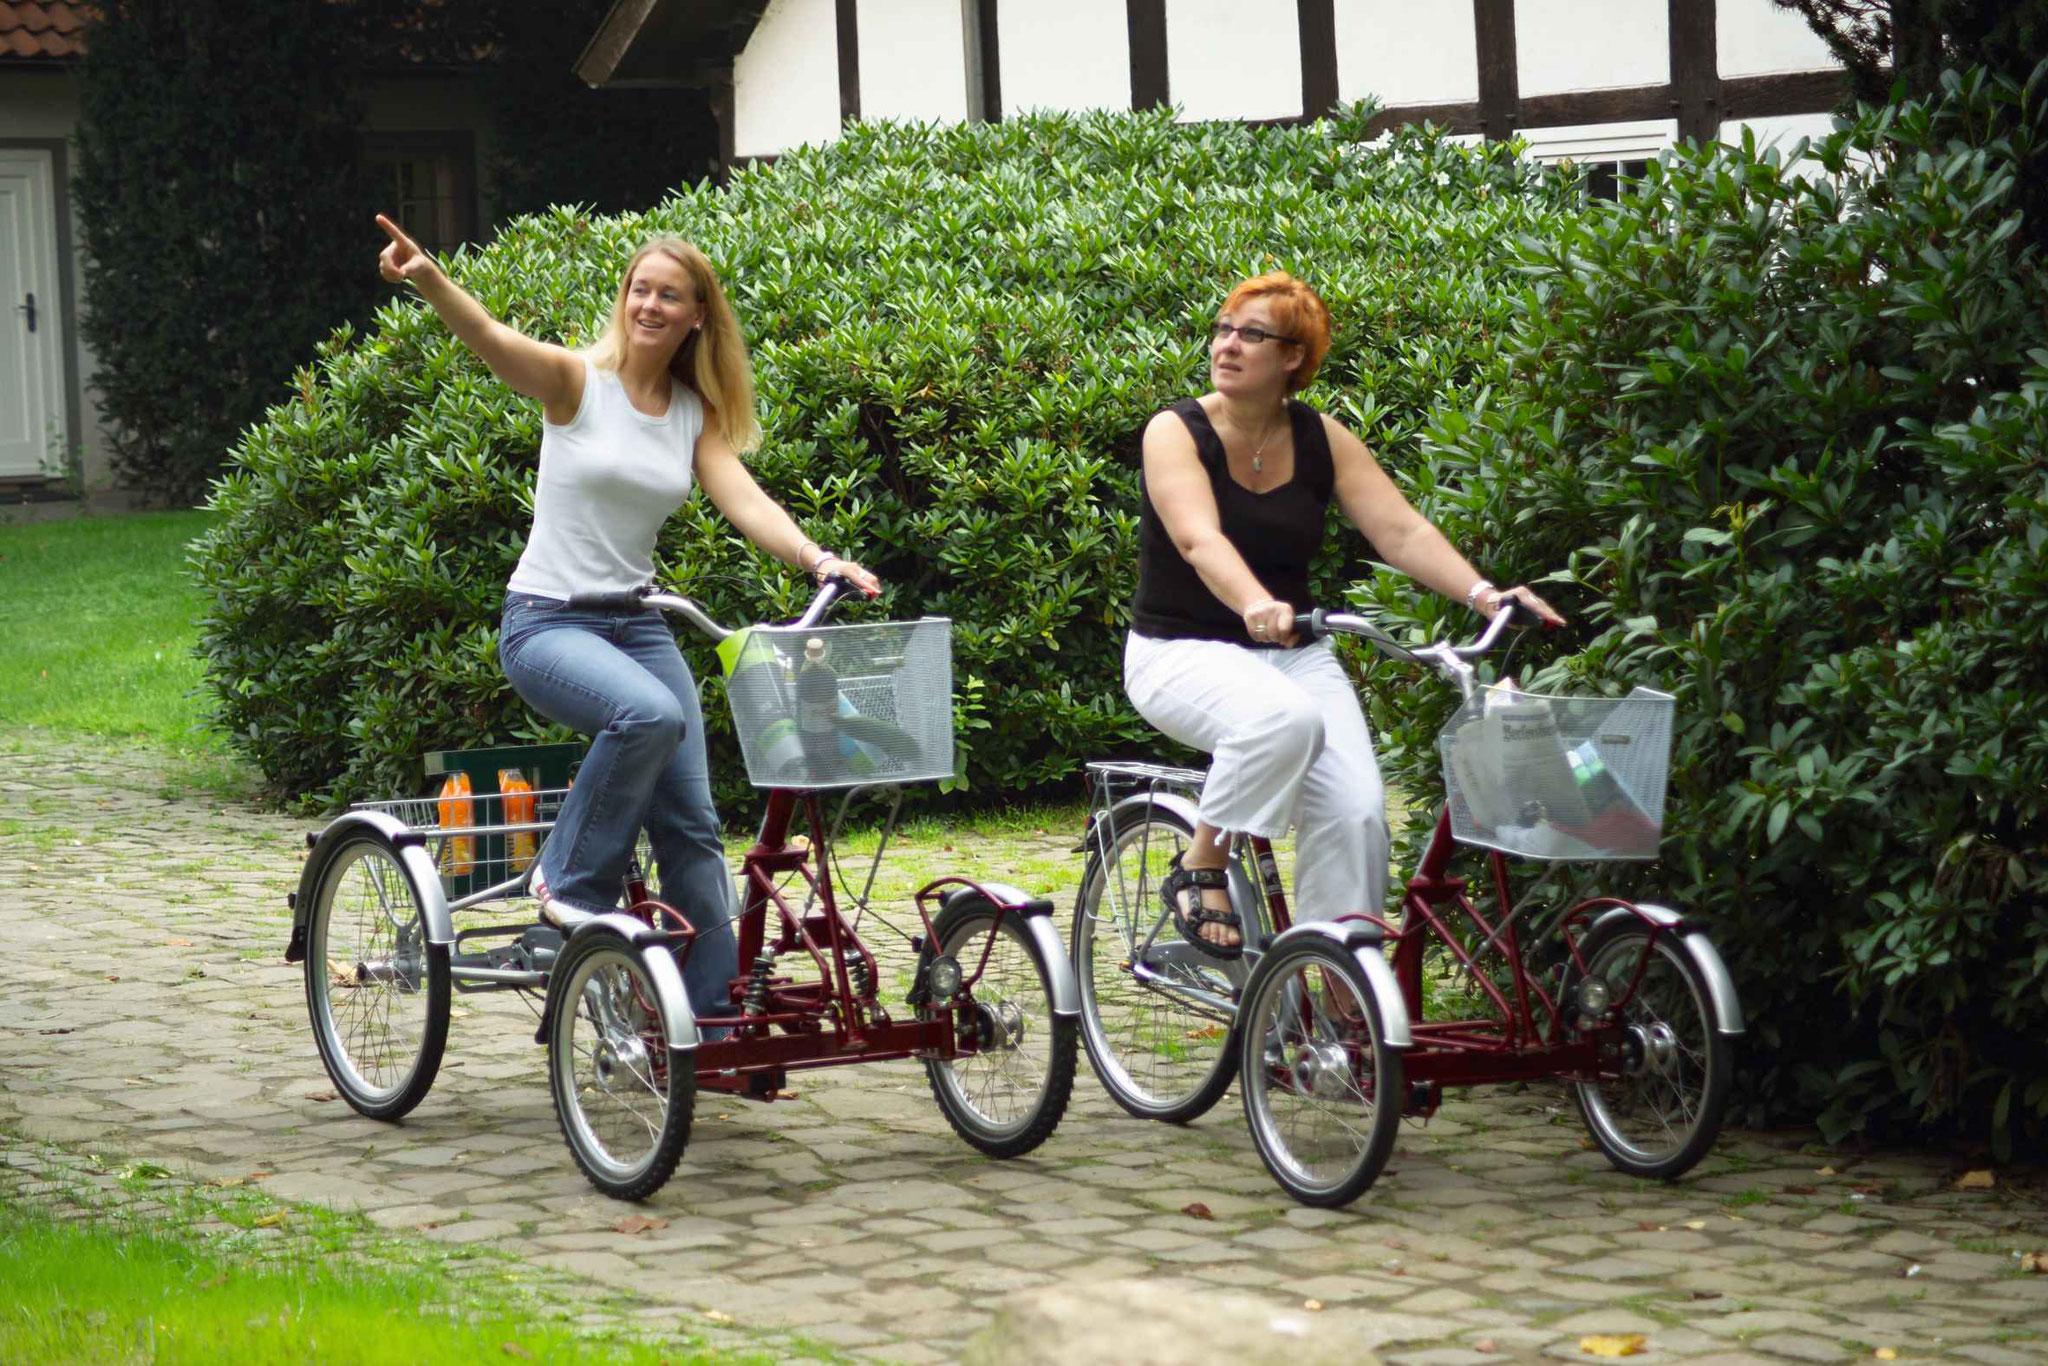 Dreiräder oder Quad-Fahrräder von pfautec